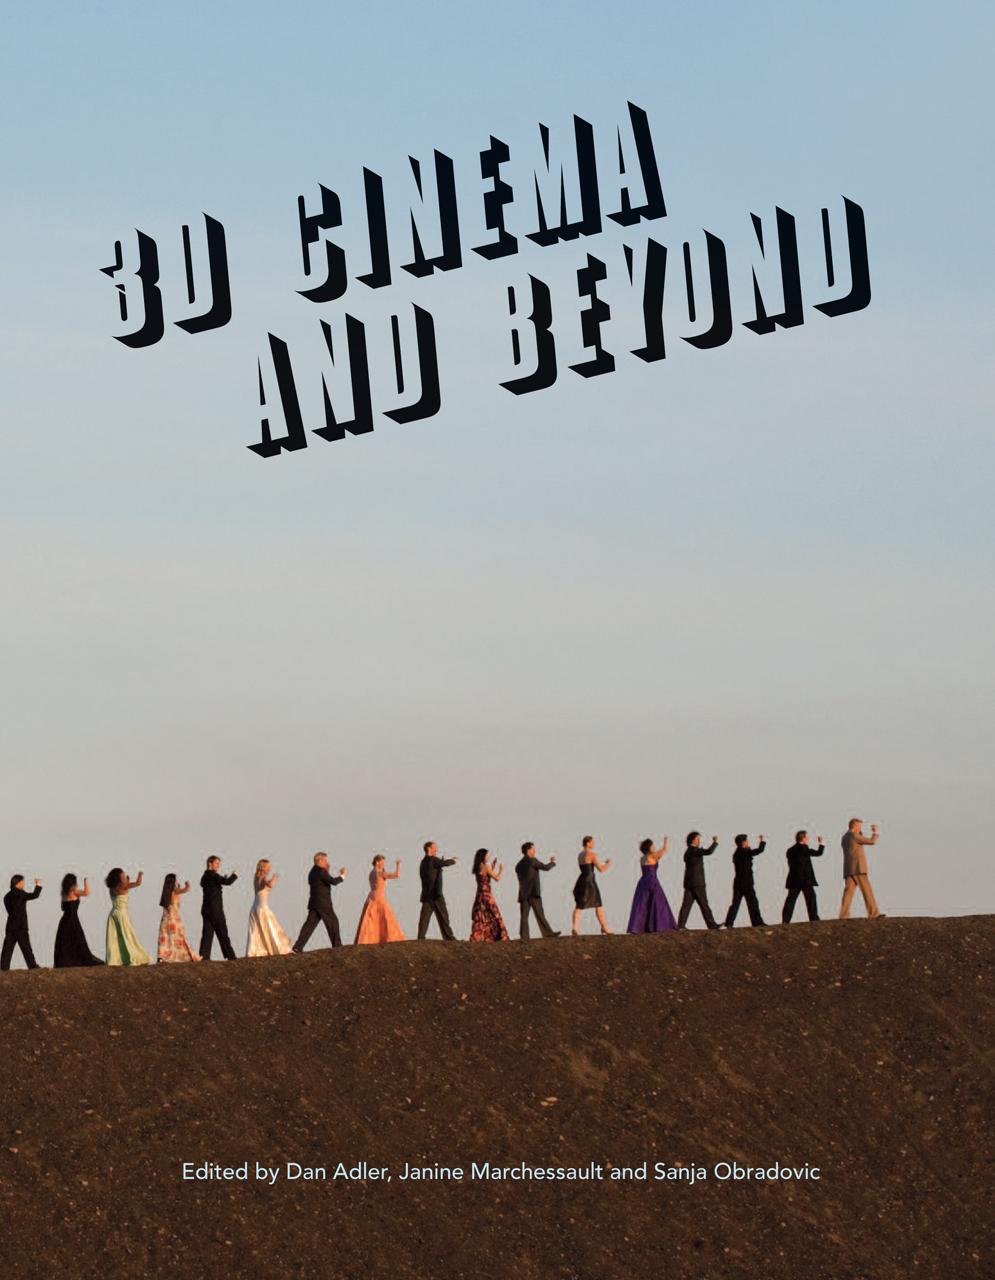 sergei eisenstein essays in film theory